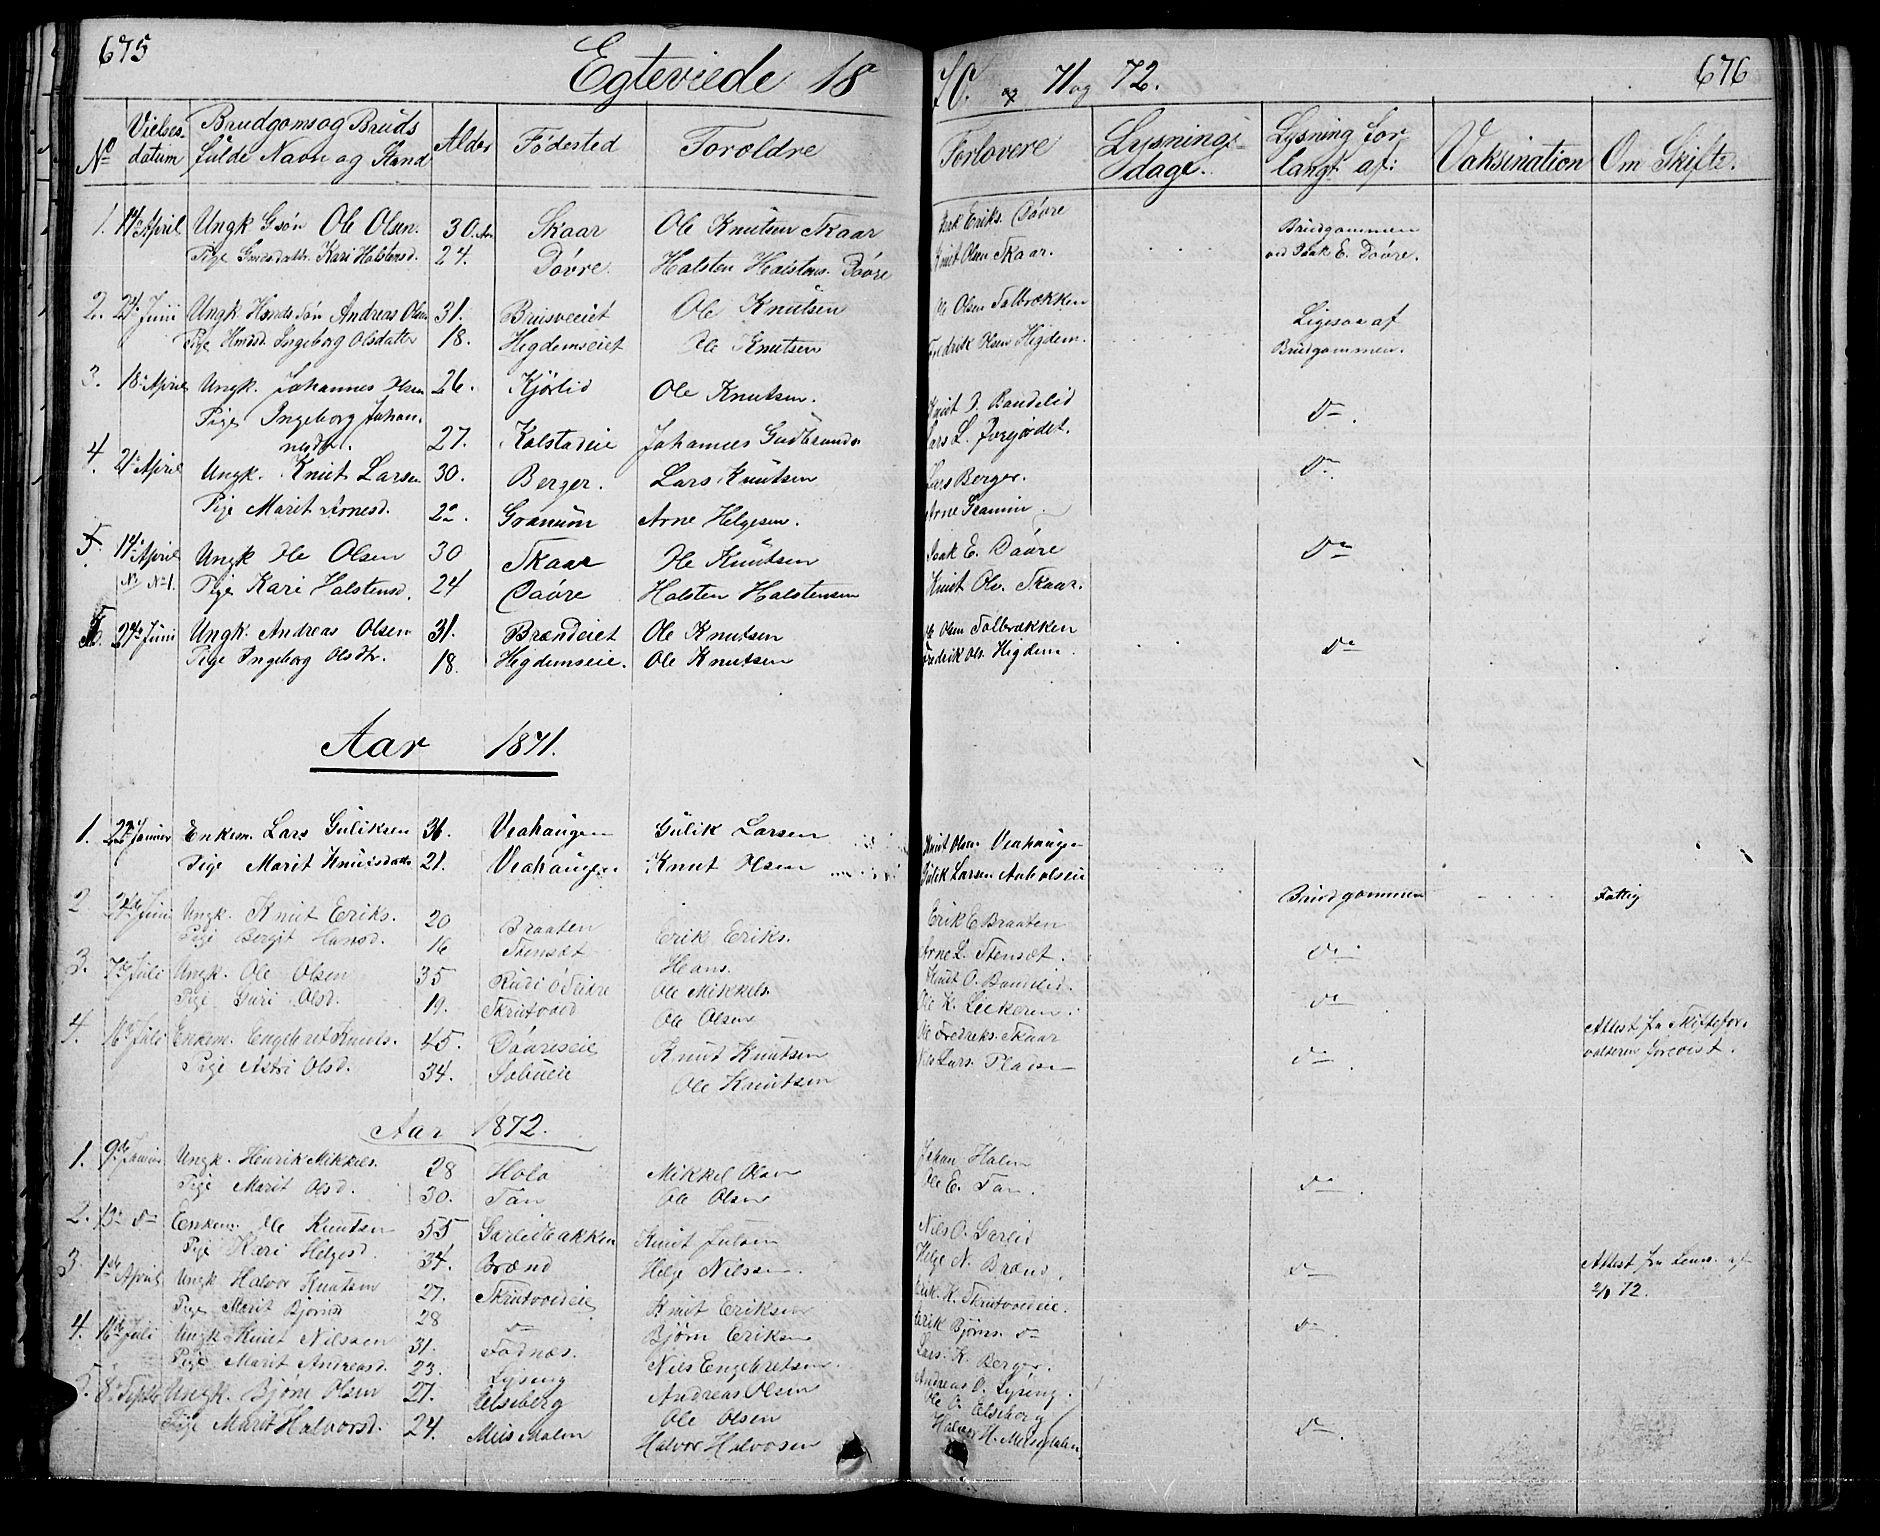 SAH, Nord-Aurdal prestekontor, Klokkerbok nr. 1, 1834-1887, s. 675-676